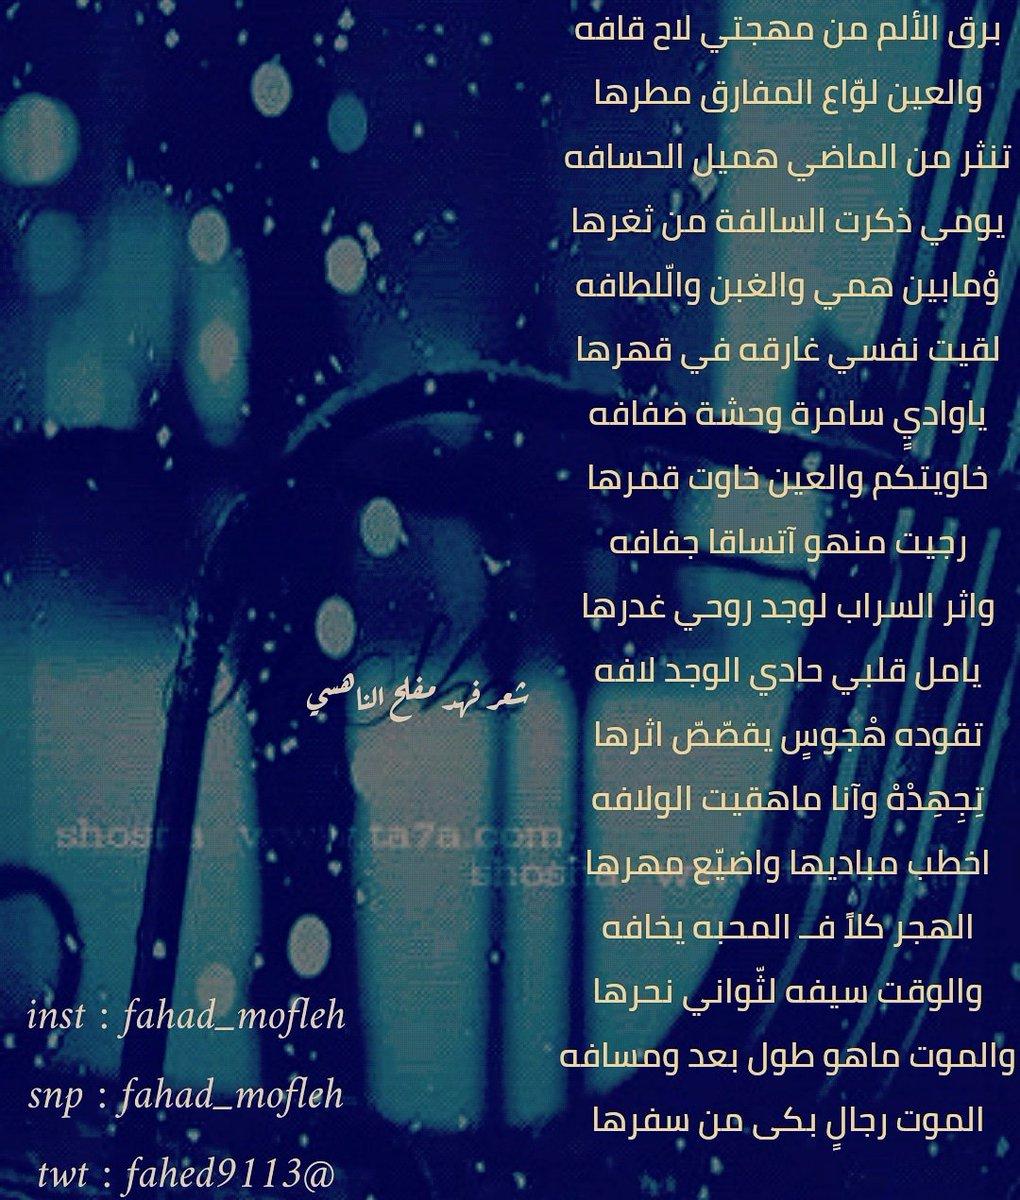 بالصور اشعار عن الموت والفراق , كلمات حزينه جدا عن الفراق 12724 15